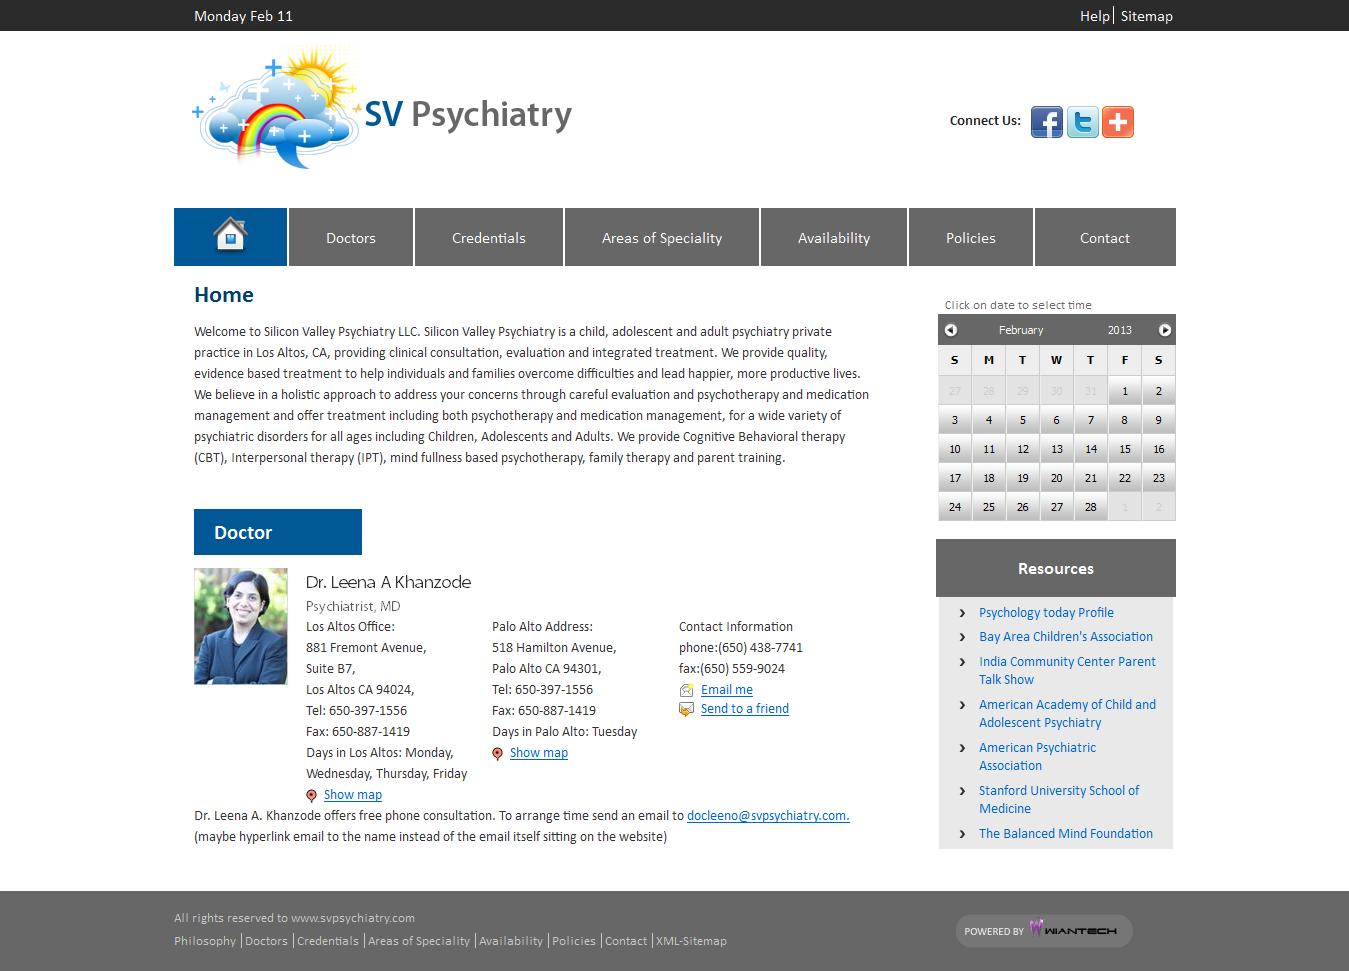 Svpsychiatry